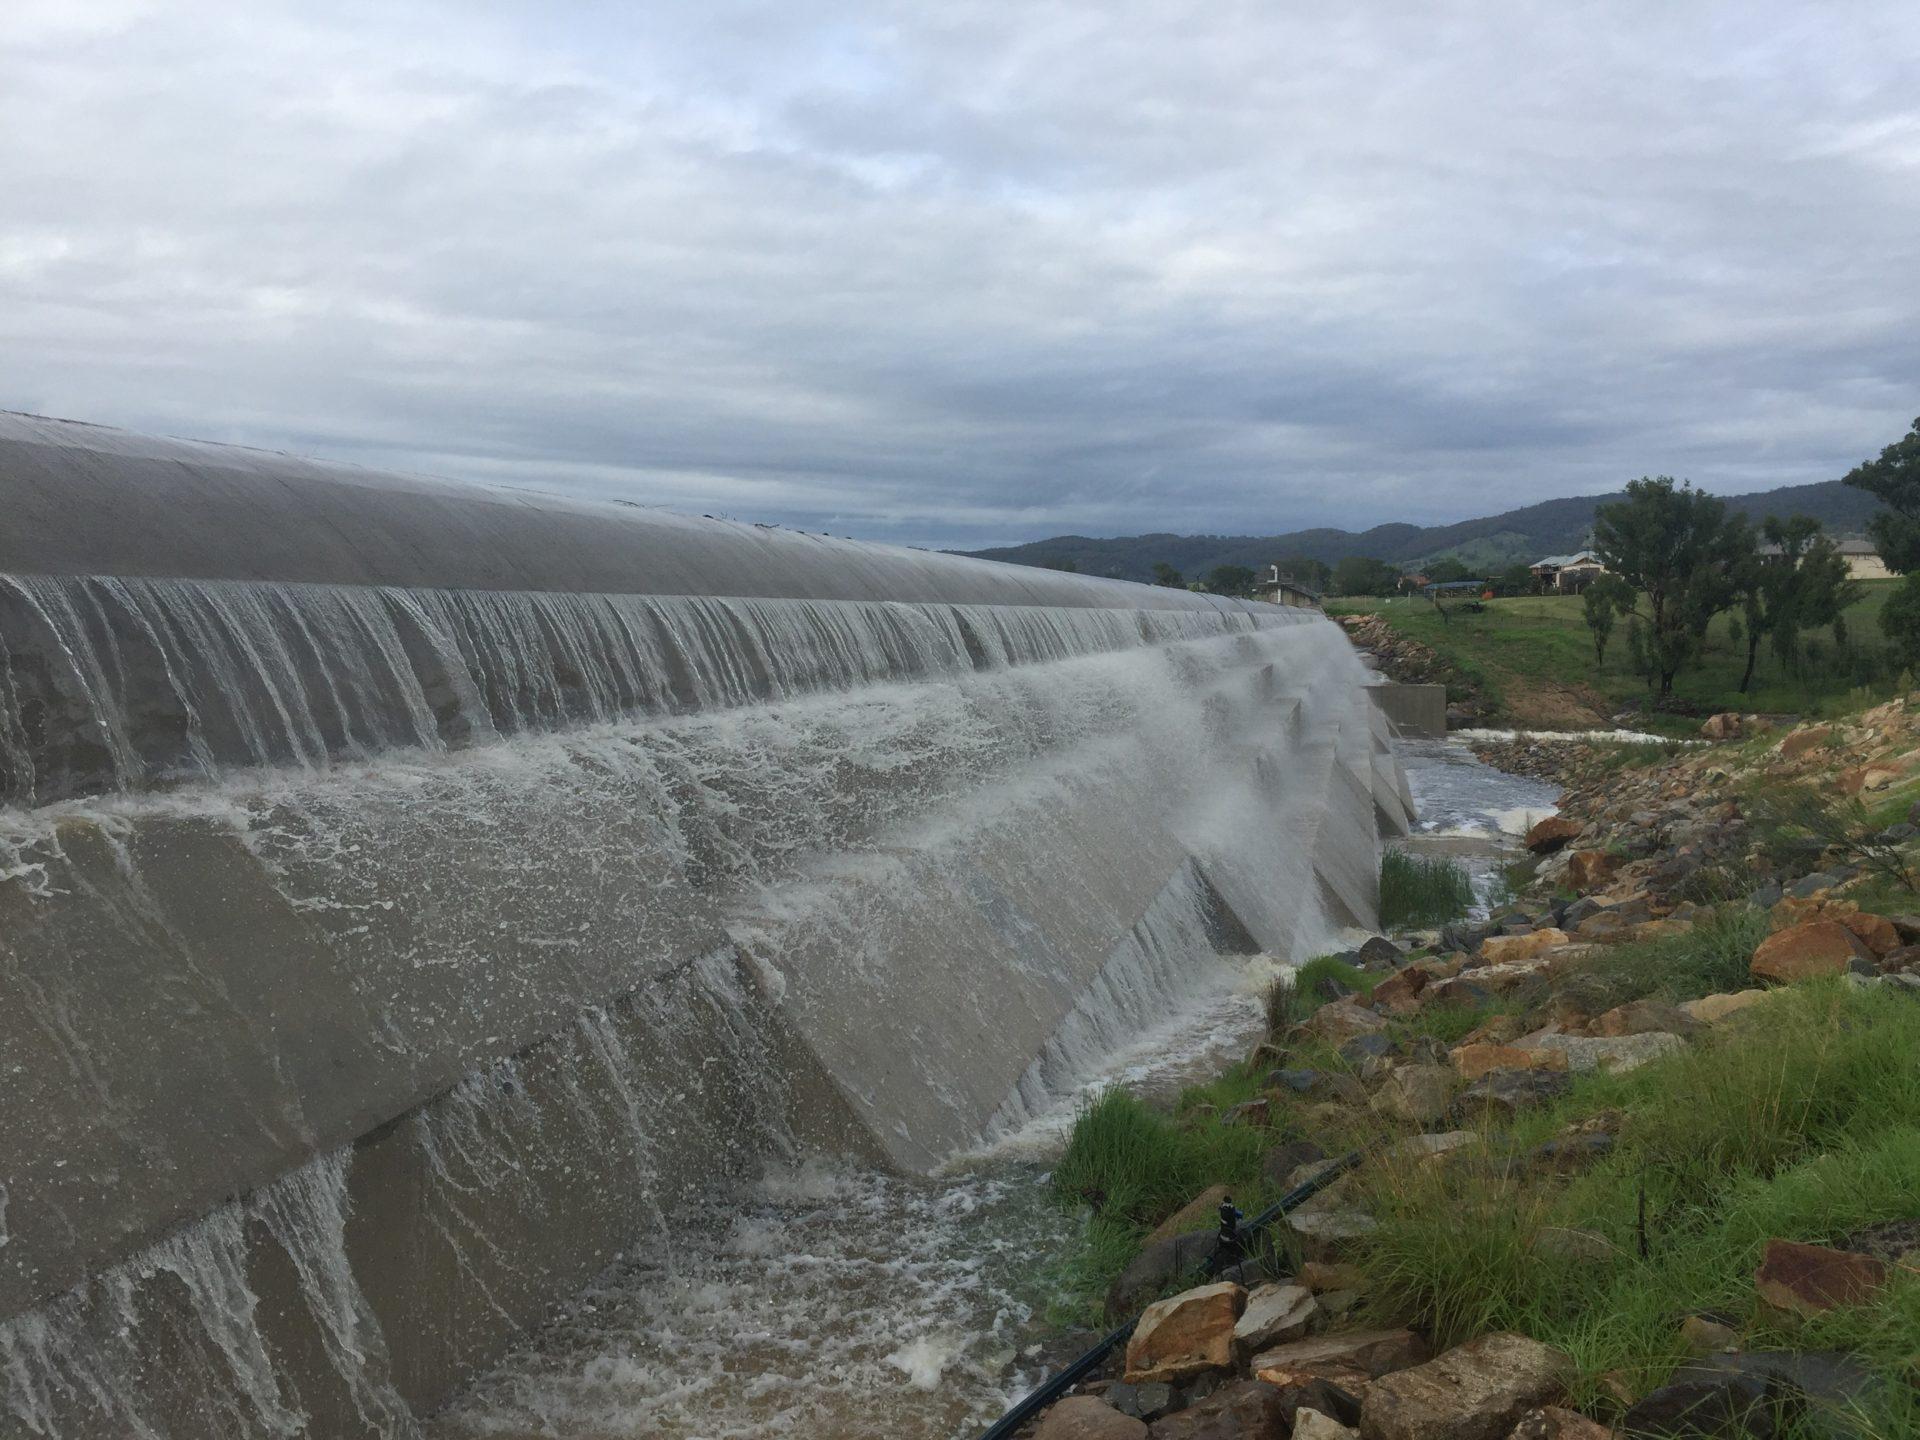 Tenterfield Dam Overflowing 14 Feb 2020